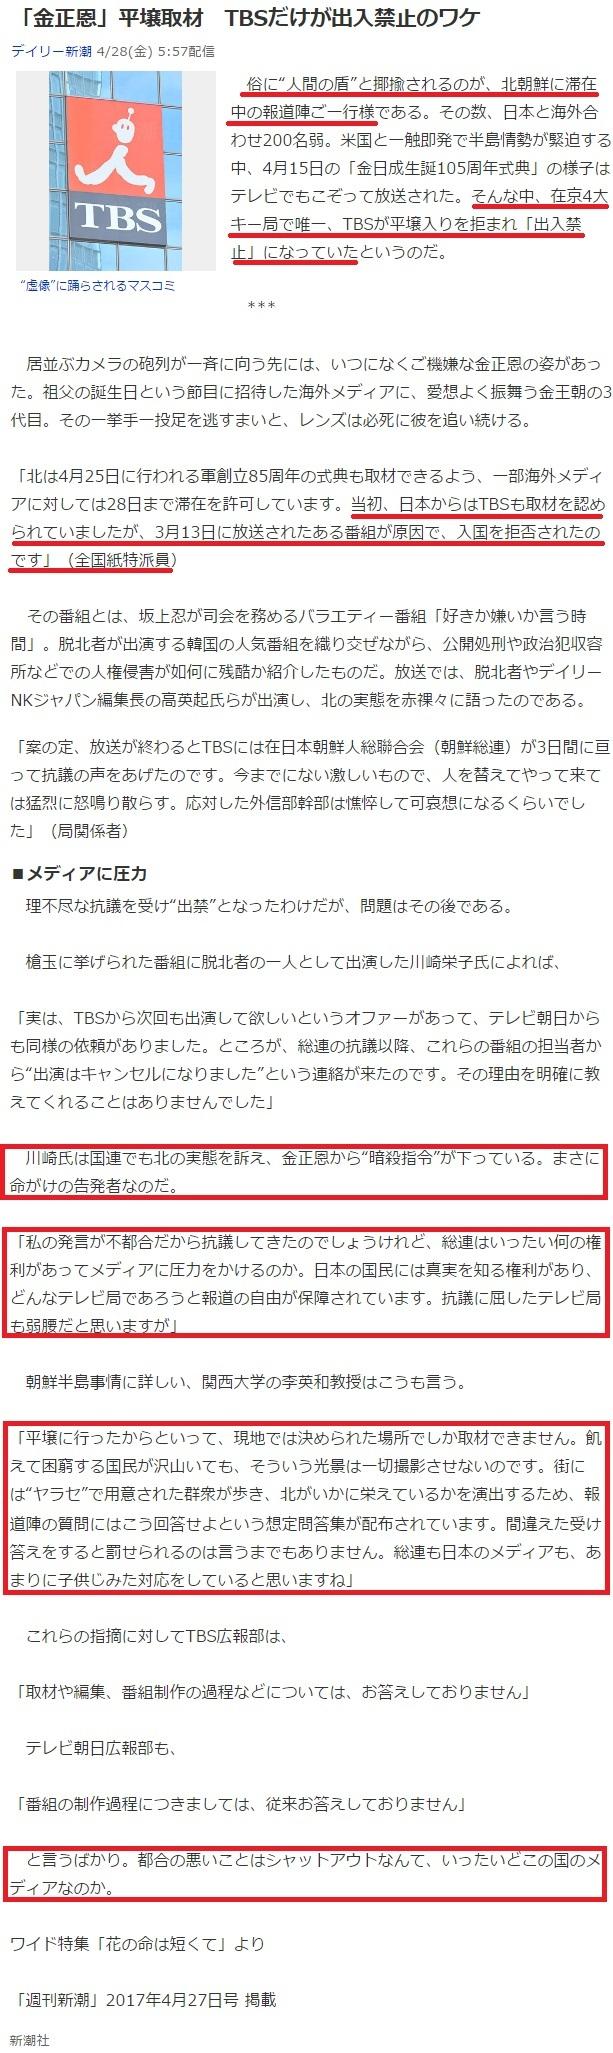 「金正恩」平壌取材 TBSだけが出入禁止のワケ